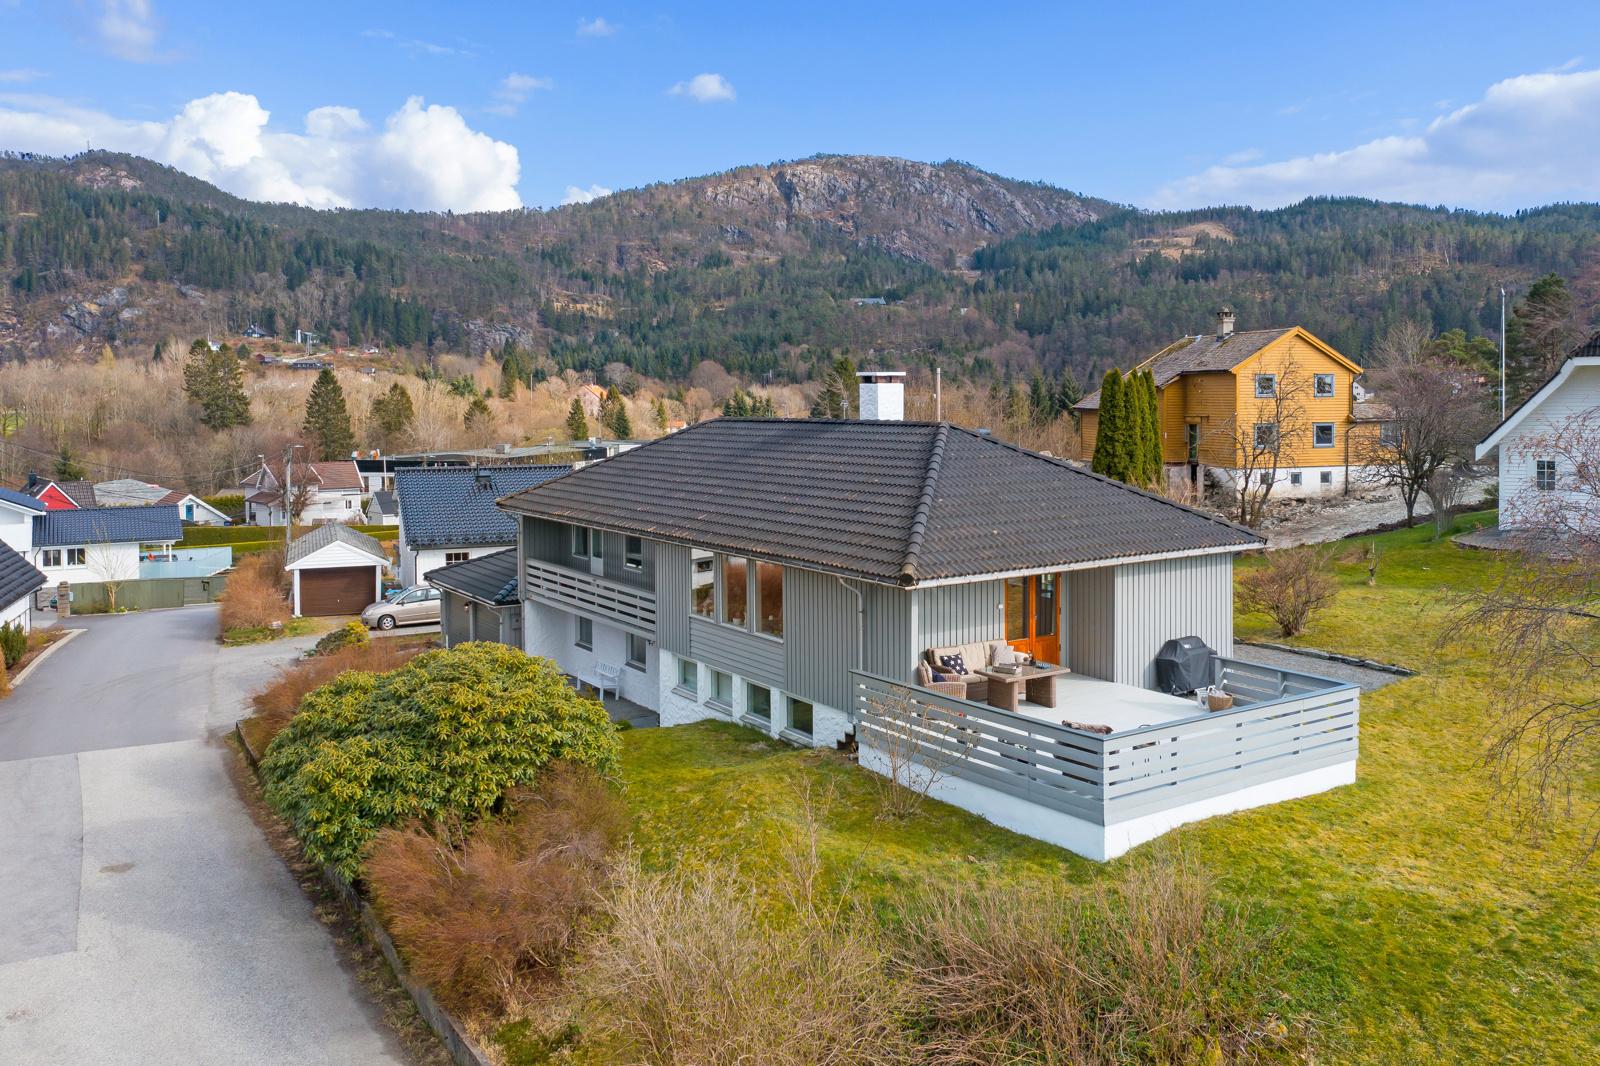 Velkommen til en stor, familievennlig enebolig i ettertraktet boligområdet på Fanahammeren, presentert av Chris-André Grimstad